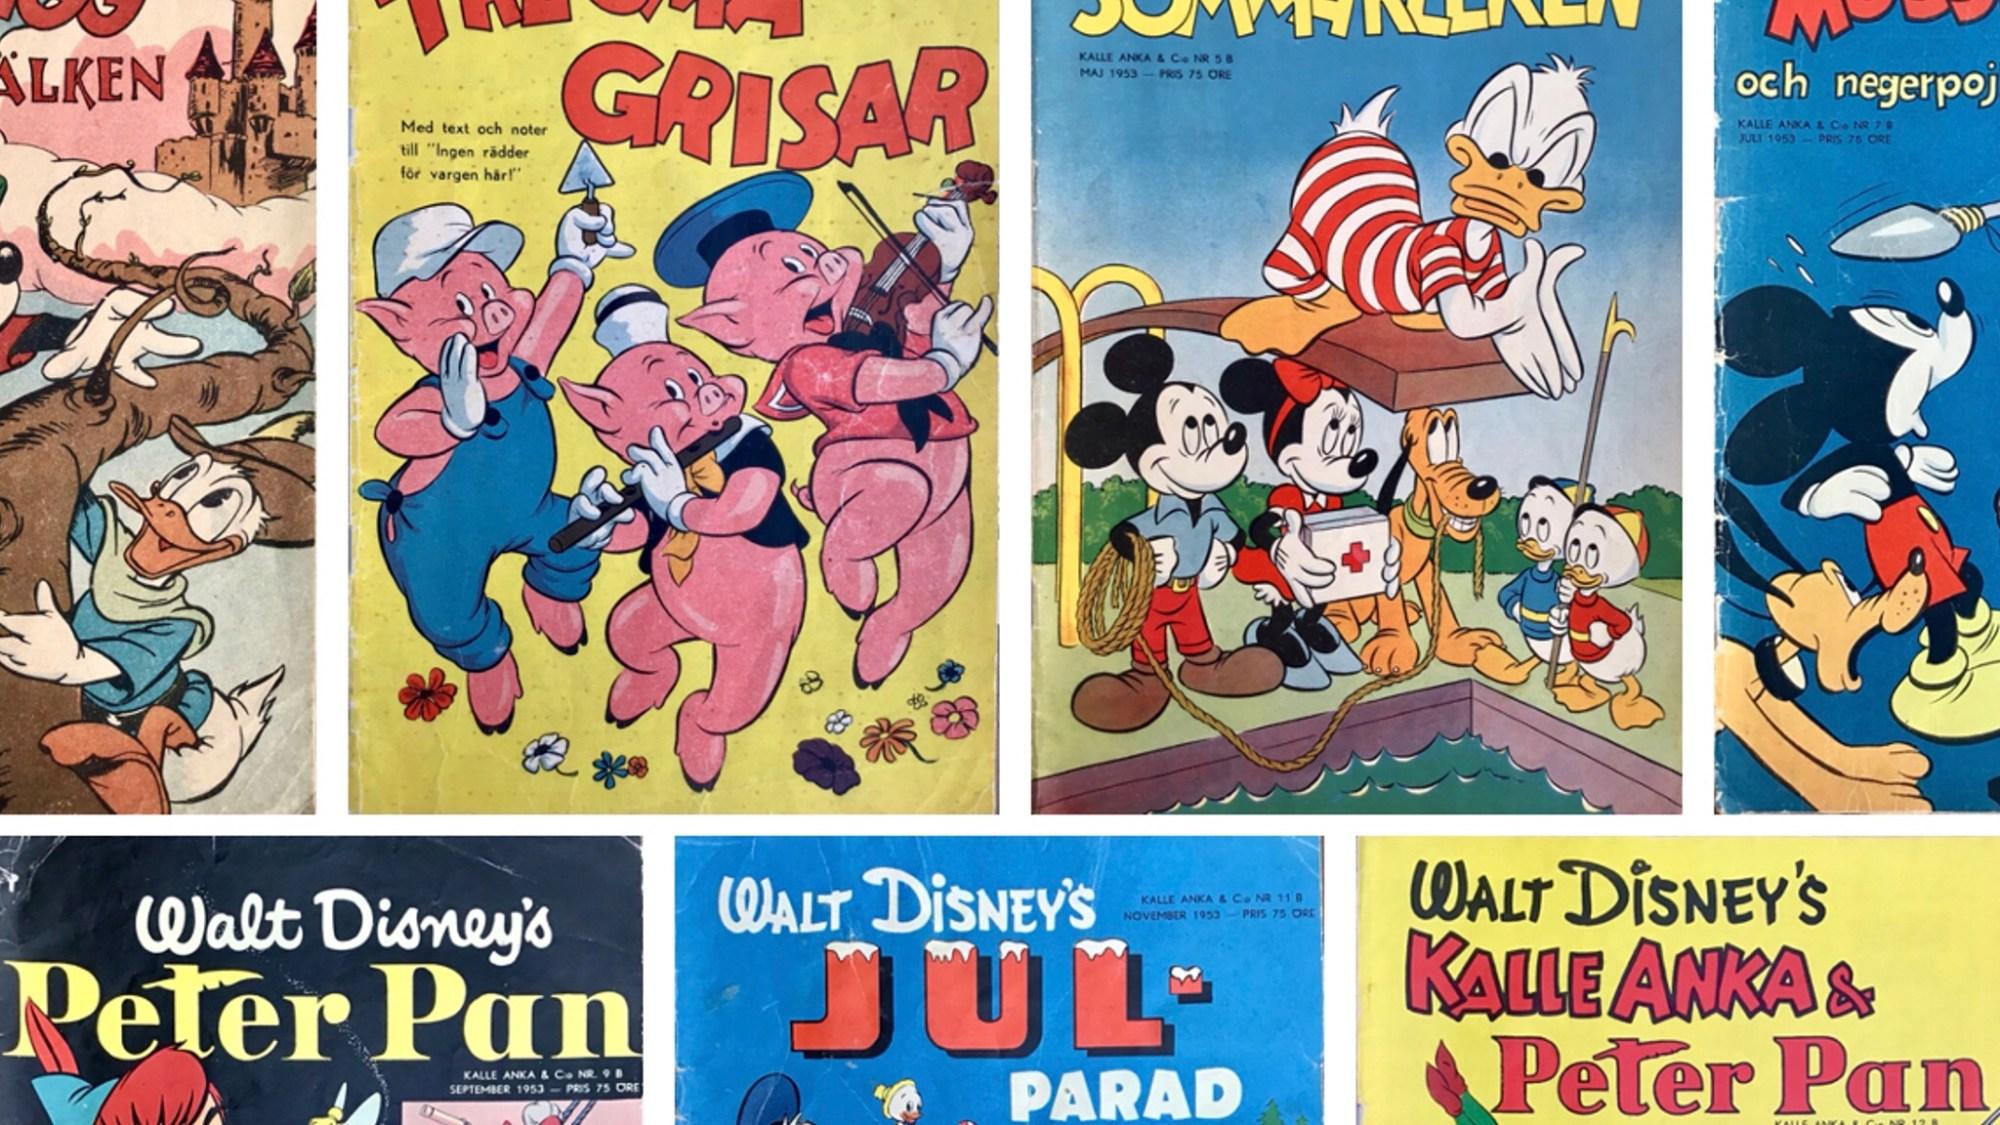 Walt Disney's serier 1953